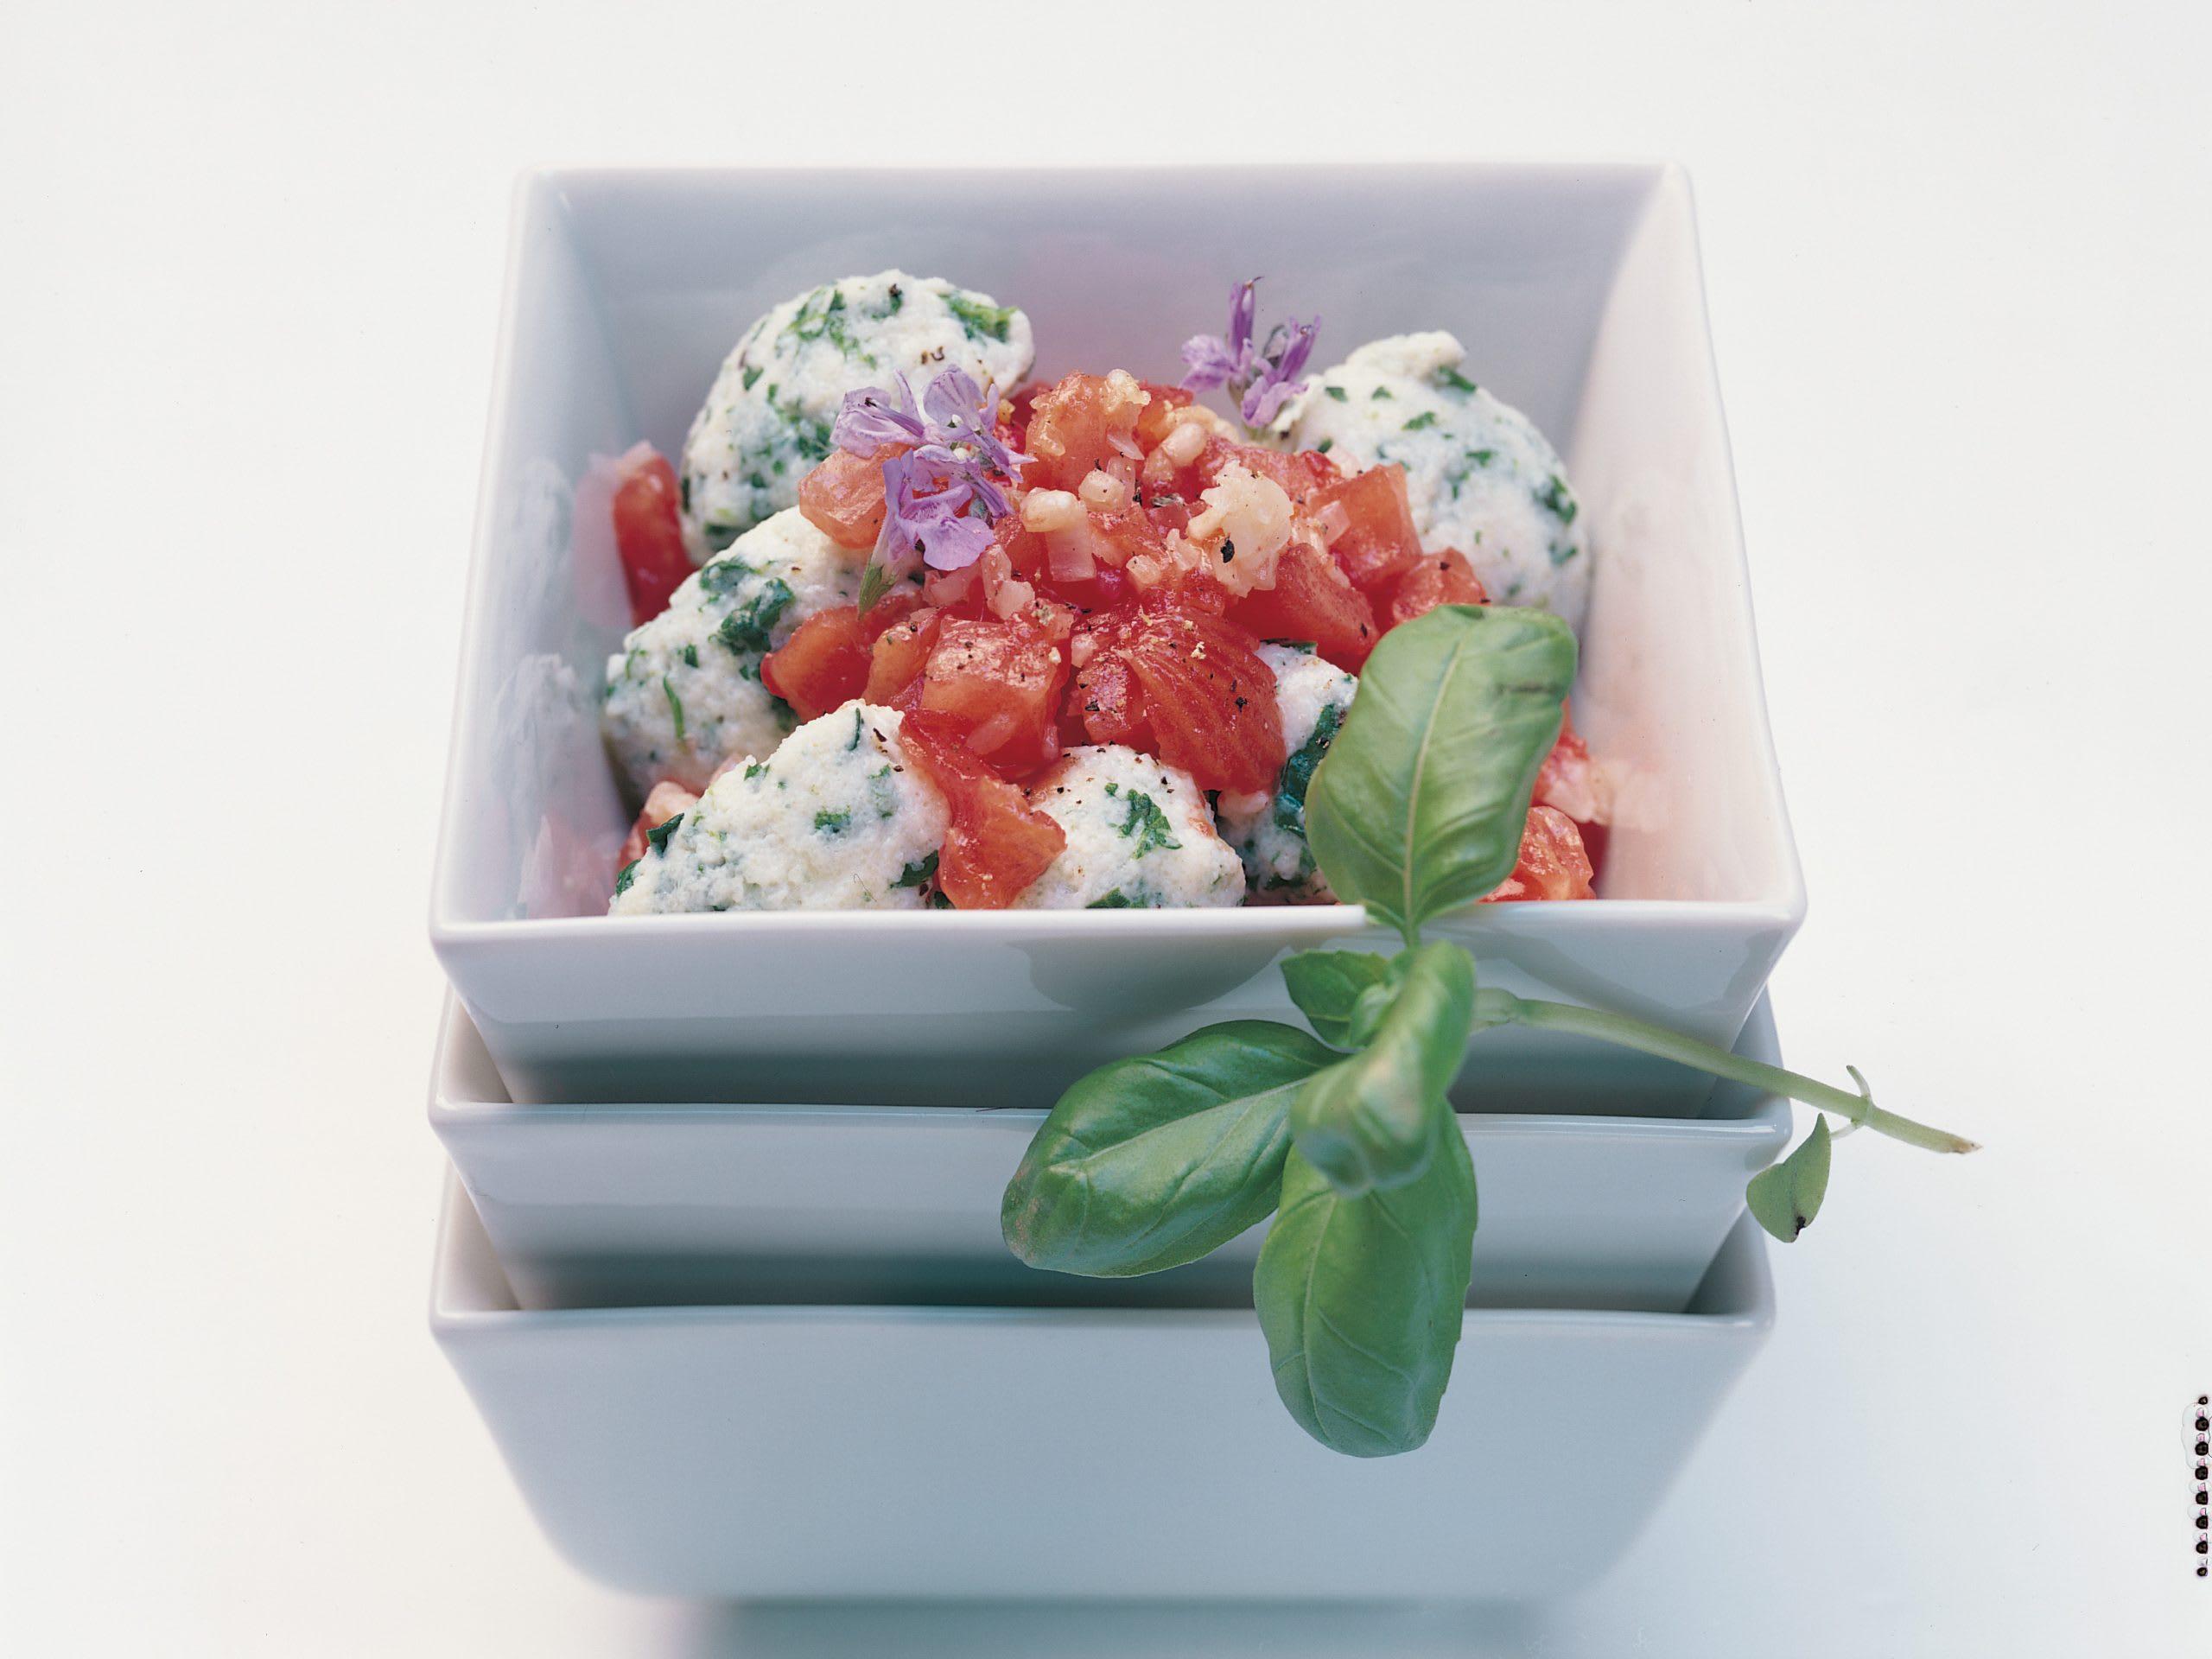 Gnocchi aux épinards et concassé de tomates